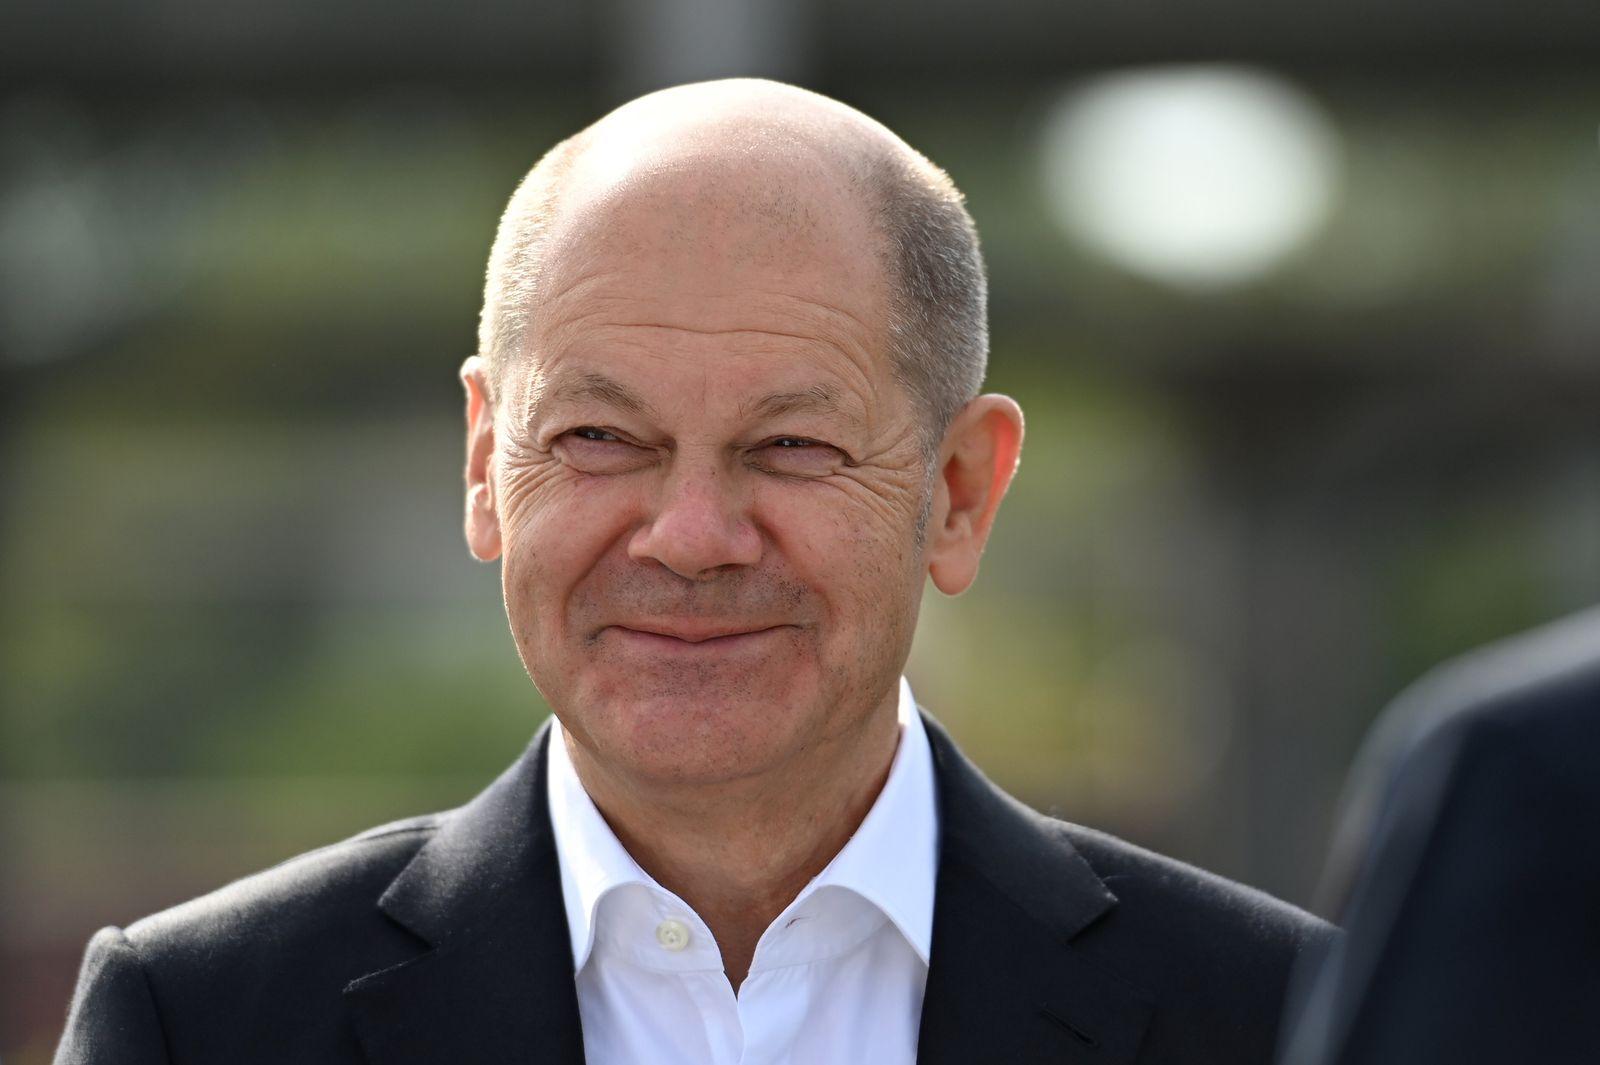 Wahlkampf SPD - Scholz in Duisburg